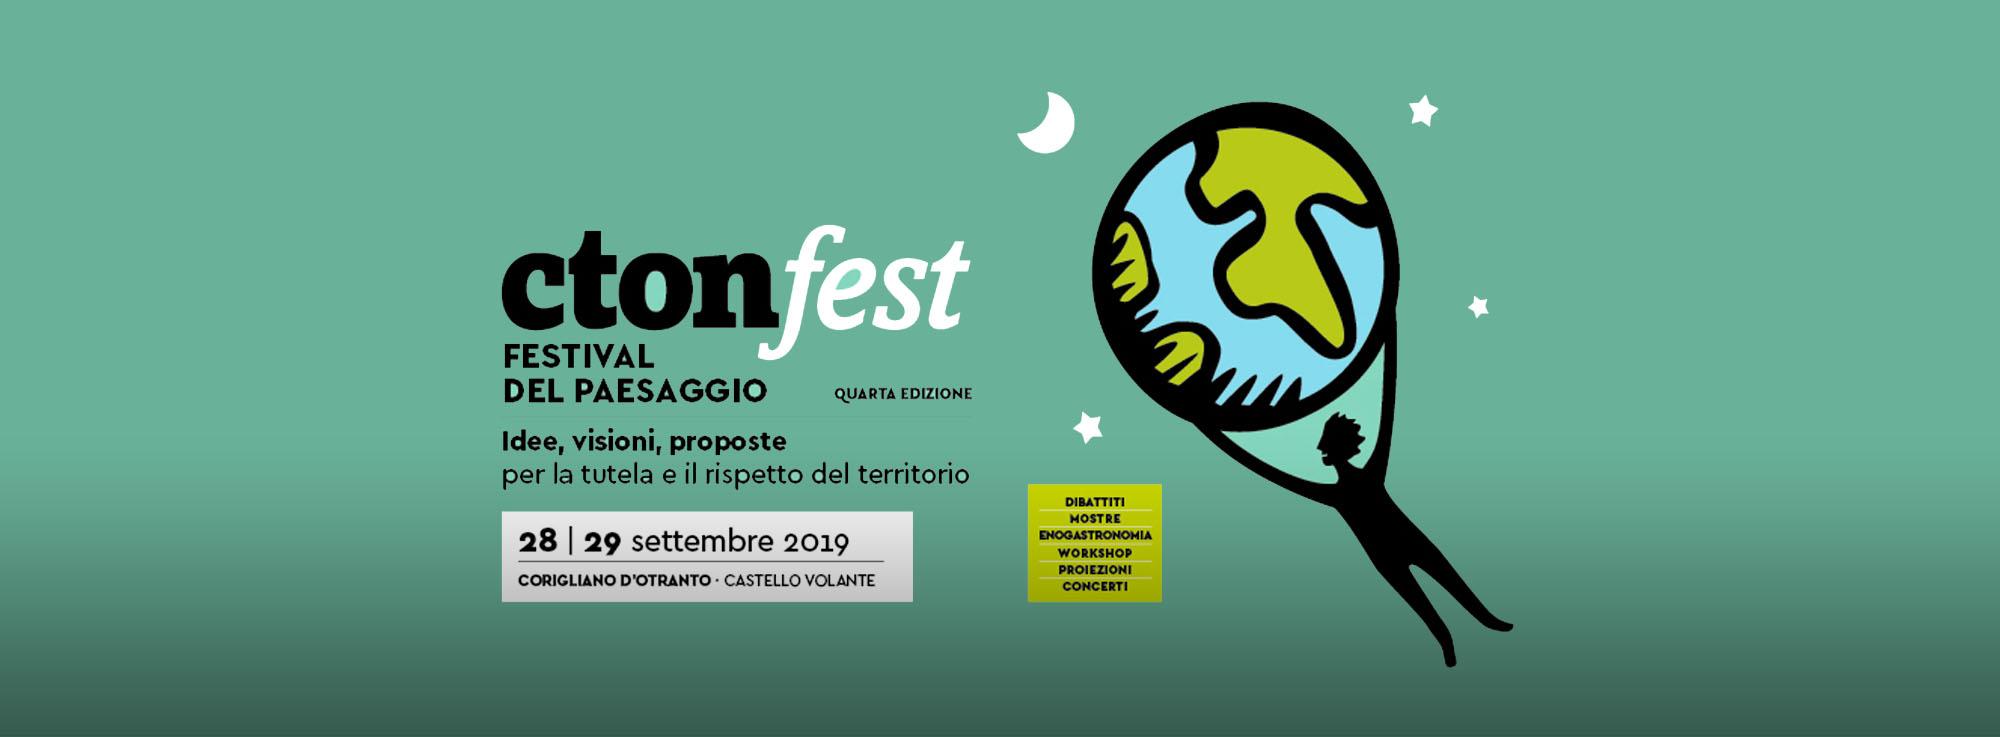 Corigliano d'Otranto: CtonFest - Festival del Paesaggio.